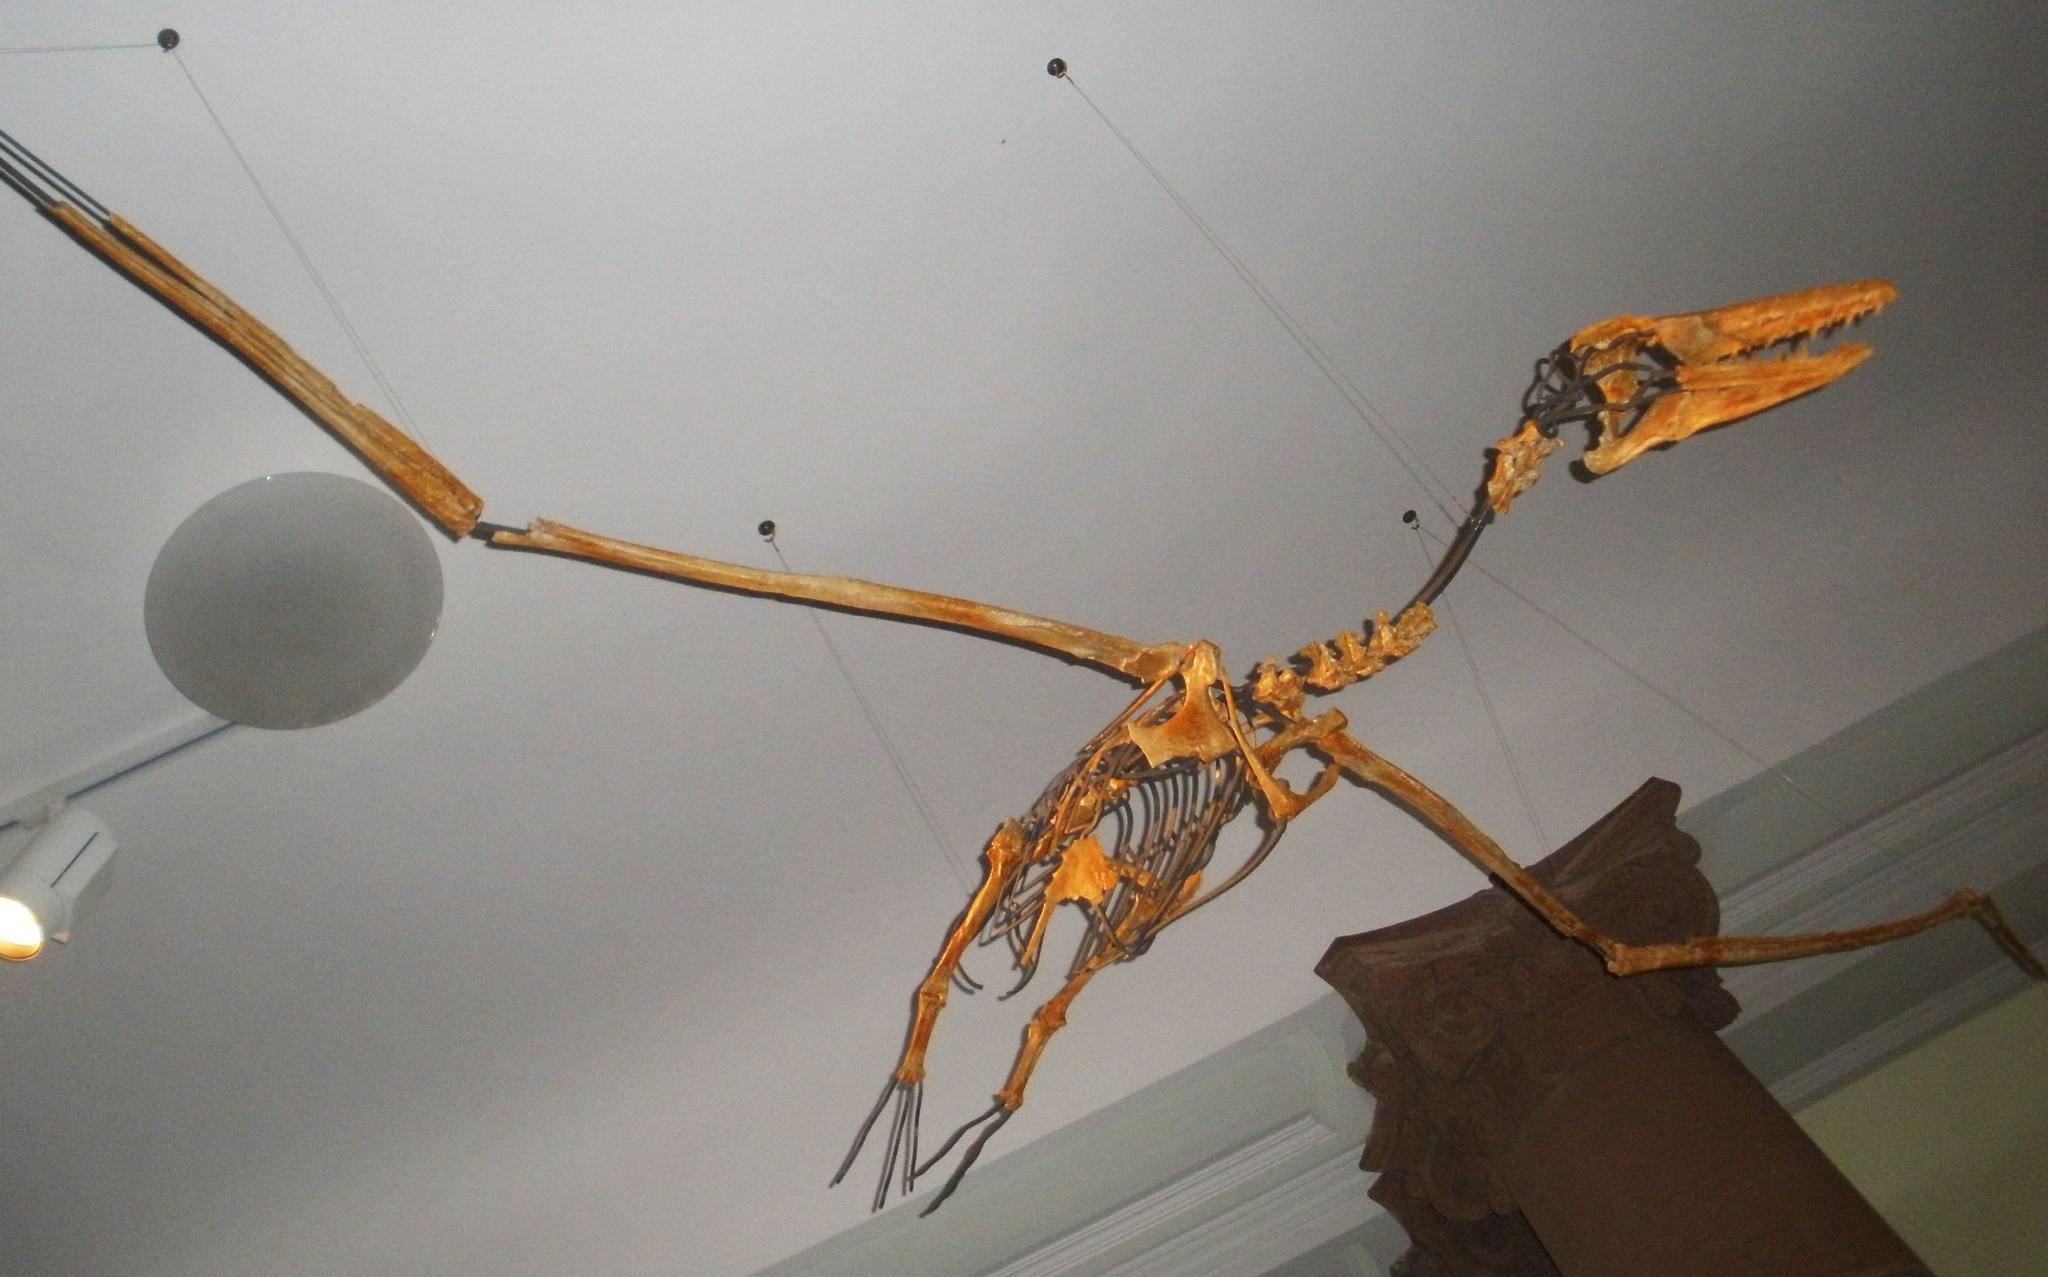 Argentavis Magnificens Skeleton